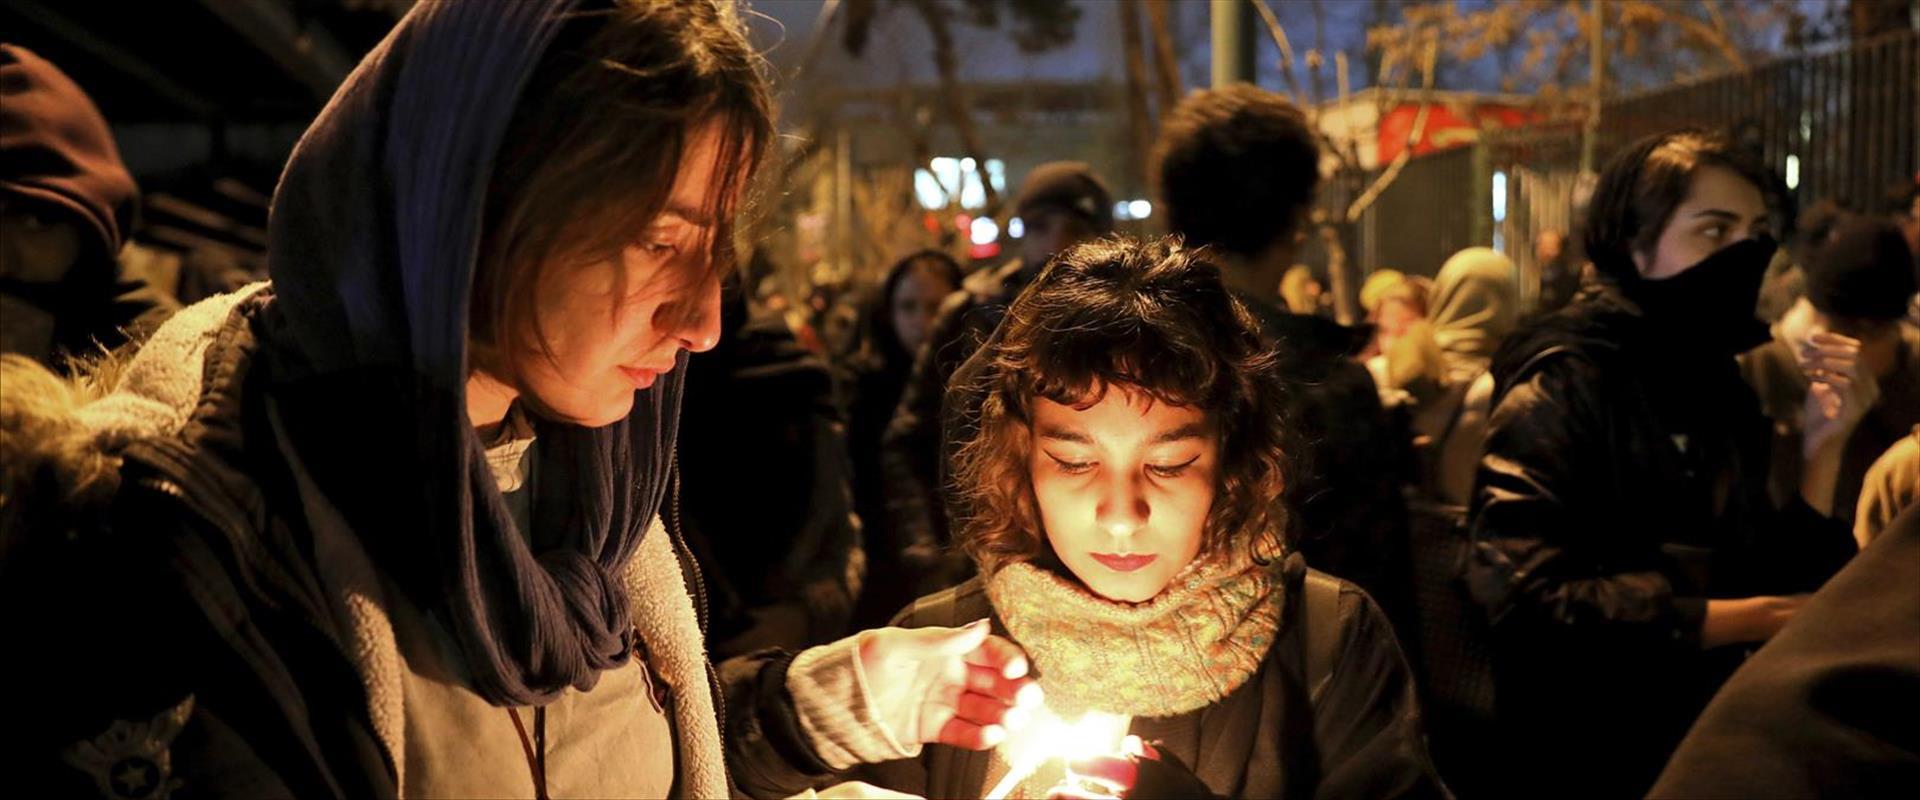 אזרחים מדליקים נרות לזכר קורבנות ההתרסקות, 11.01.2